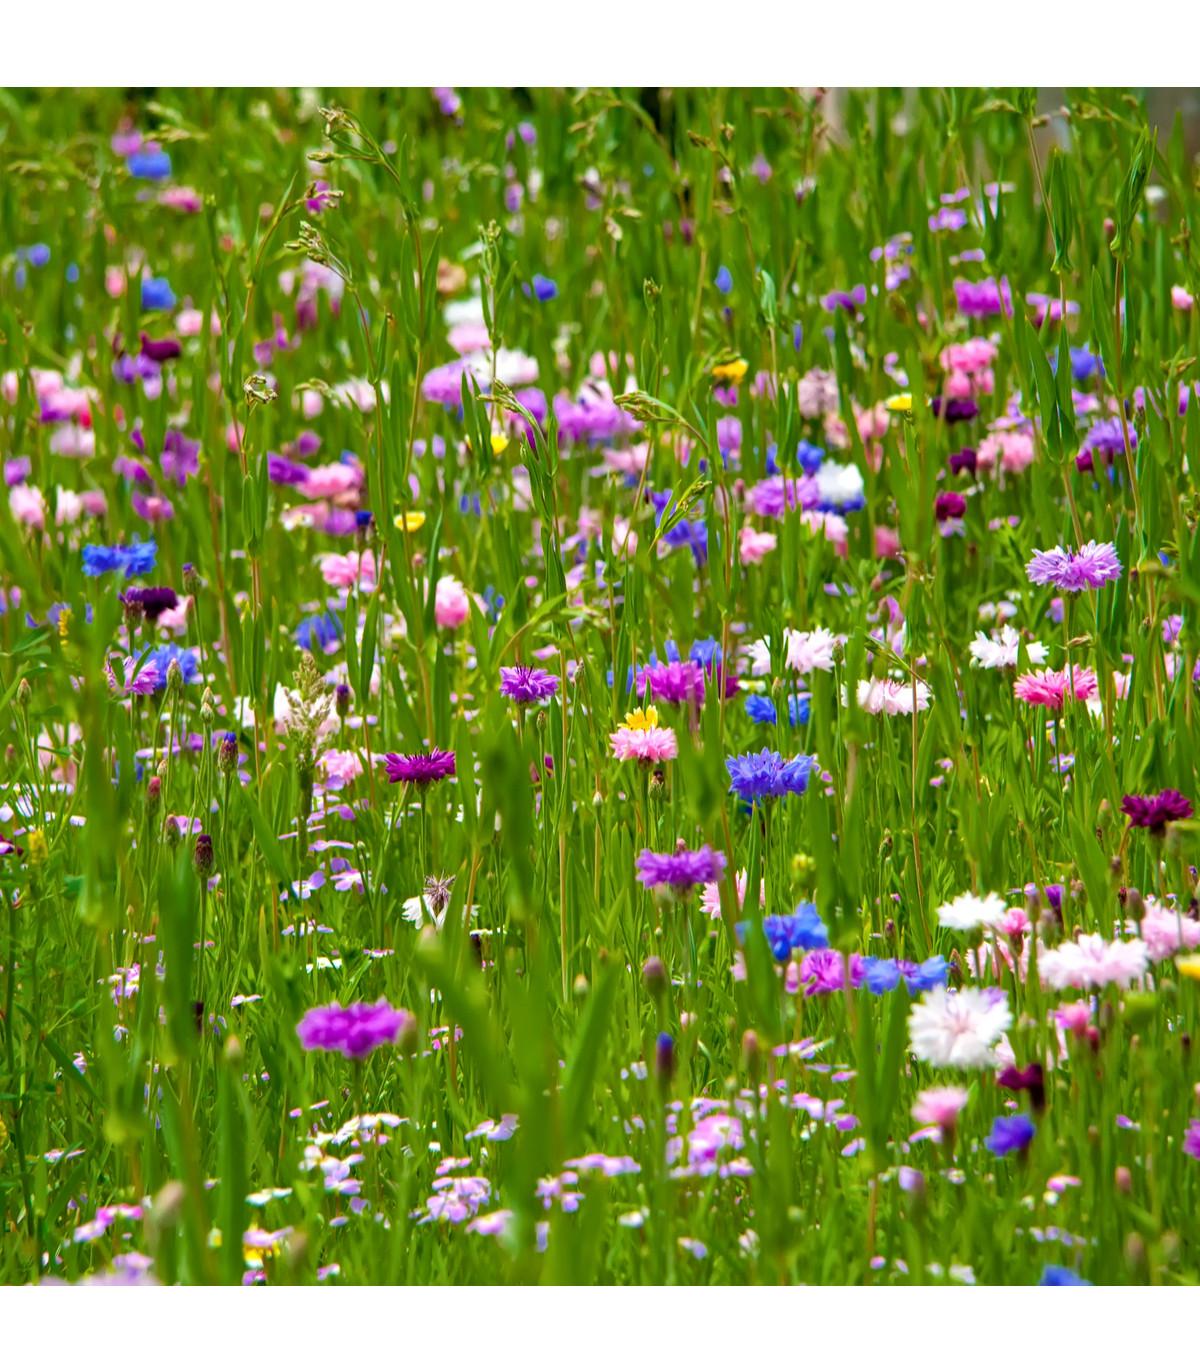 Letničky zmes - Japonská záhrada - semená letničiek - 500 ks